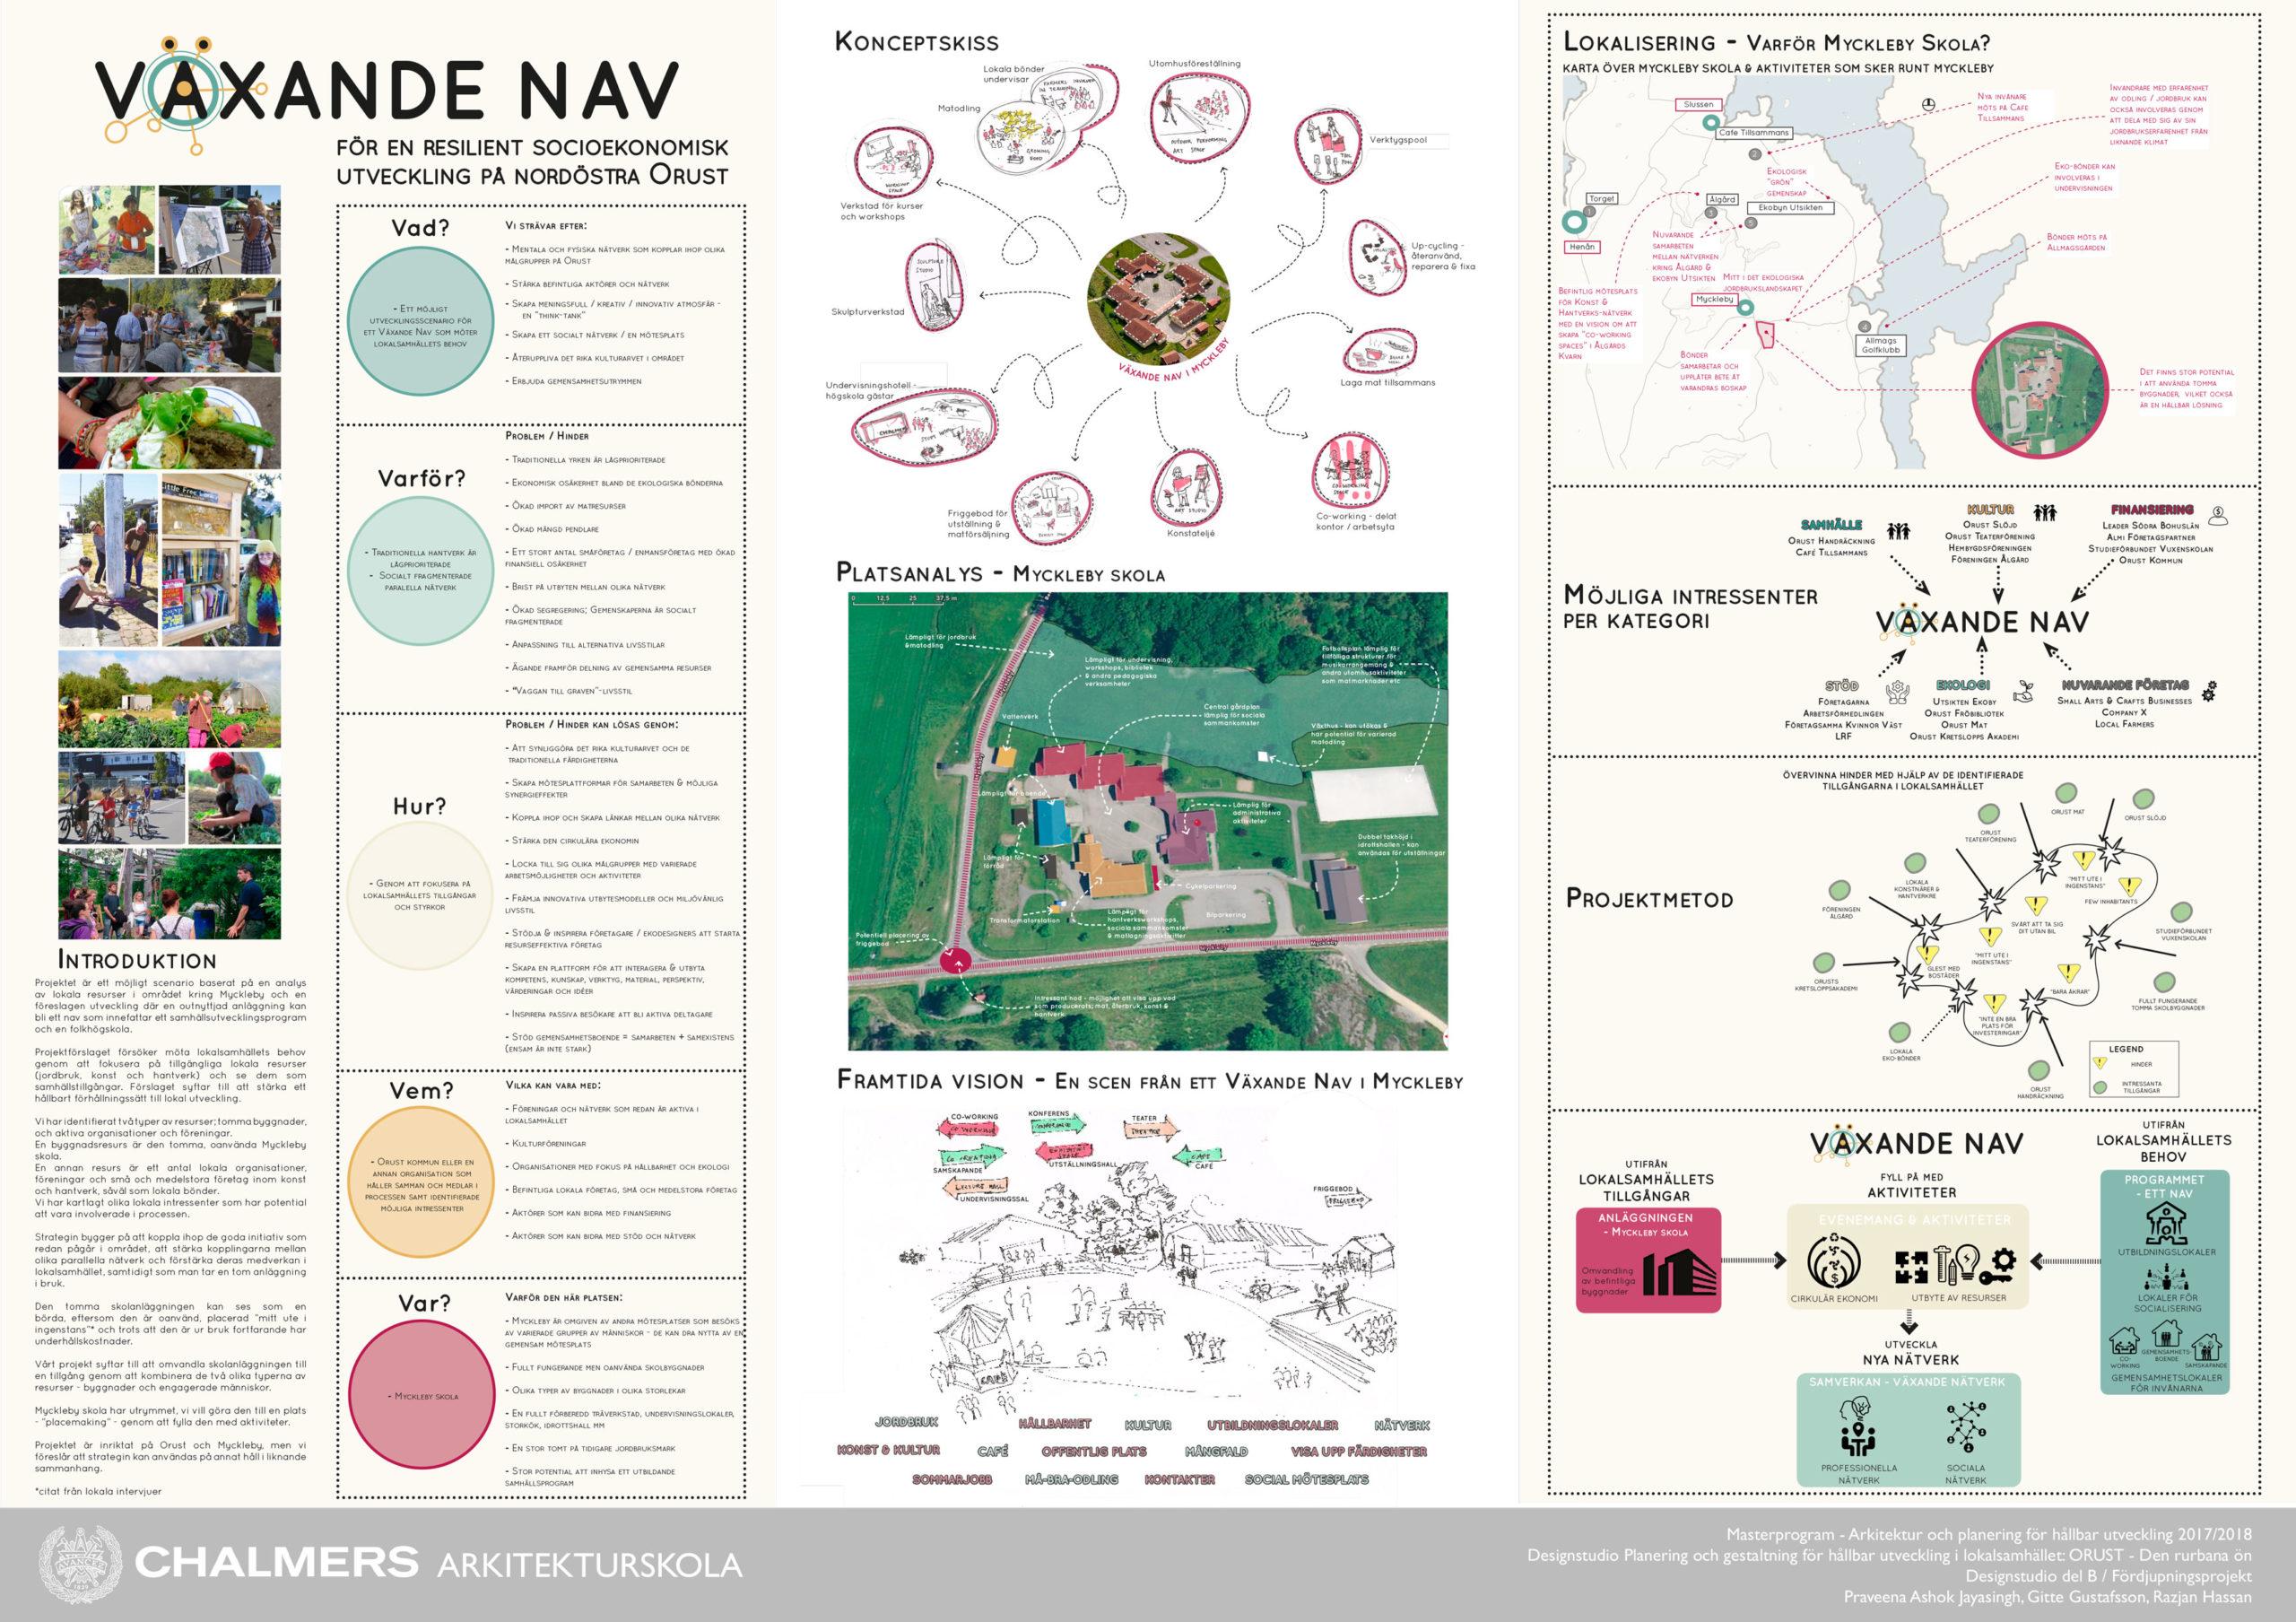 Växande Nav, affisch från Chalmers arkitekturskola